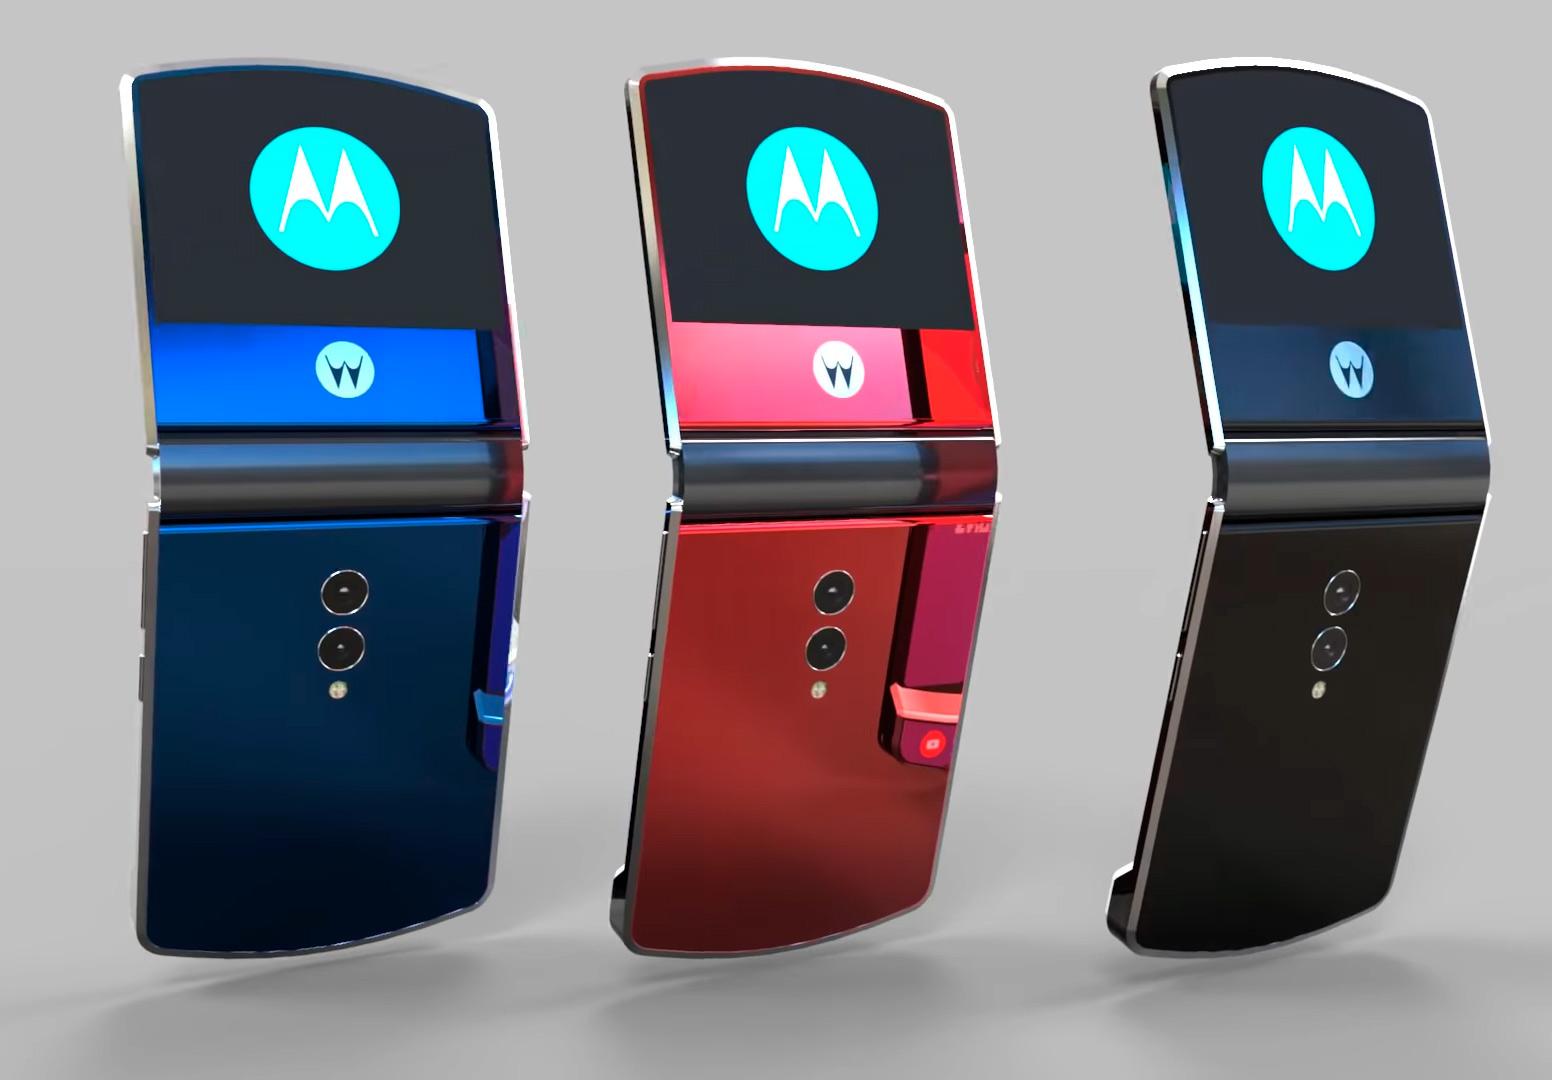 Imágenes sobre el nuevo Motorola Razr  | Tecnología | Variedades | EL FRENTE